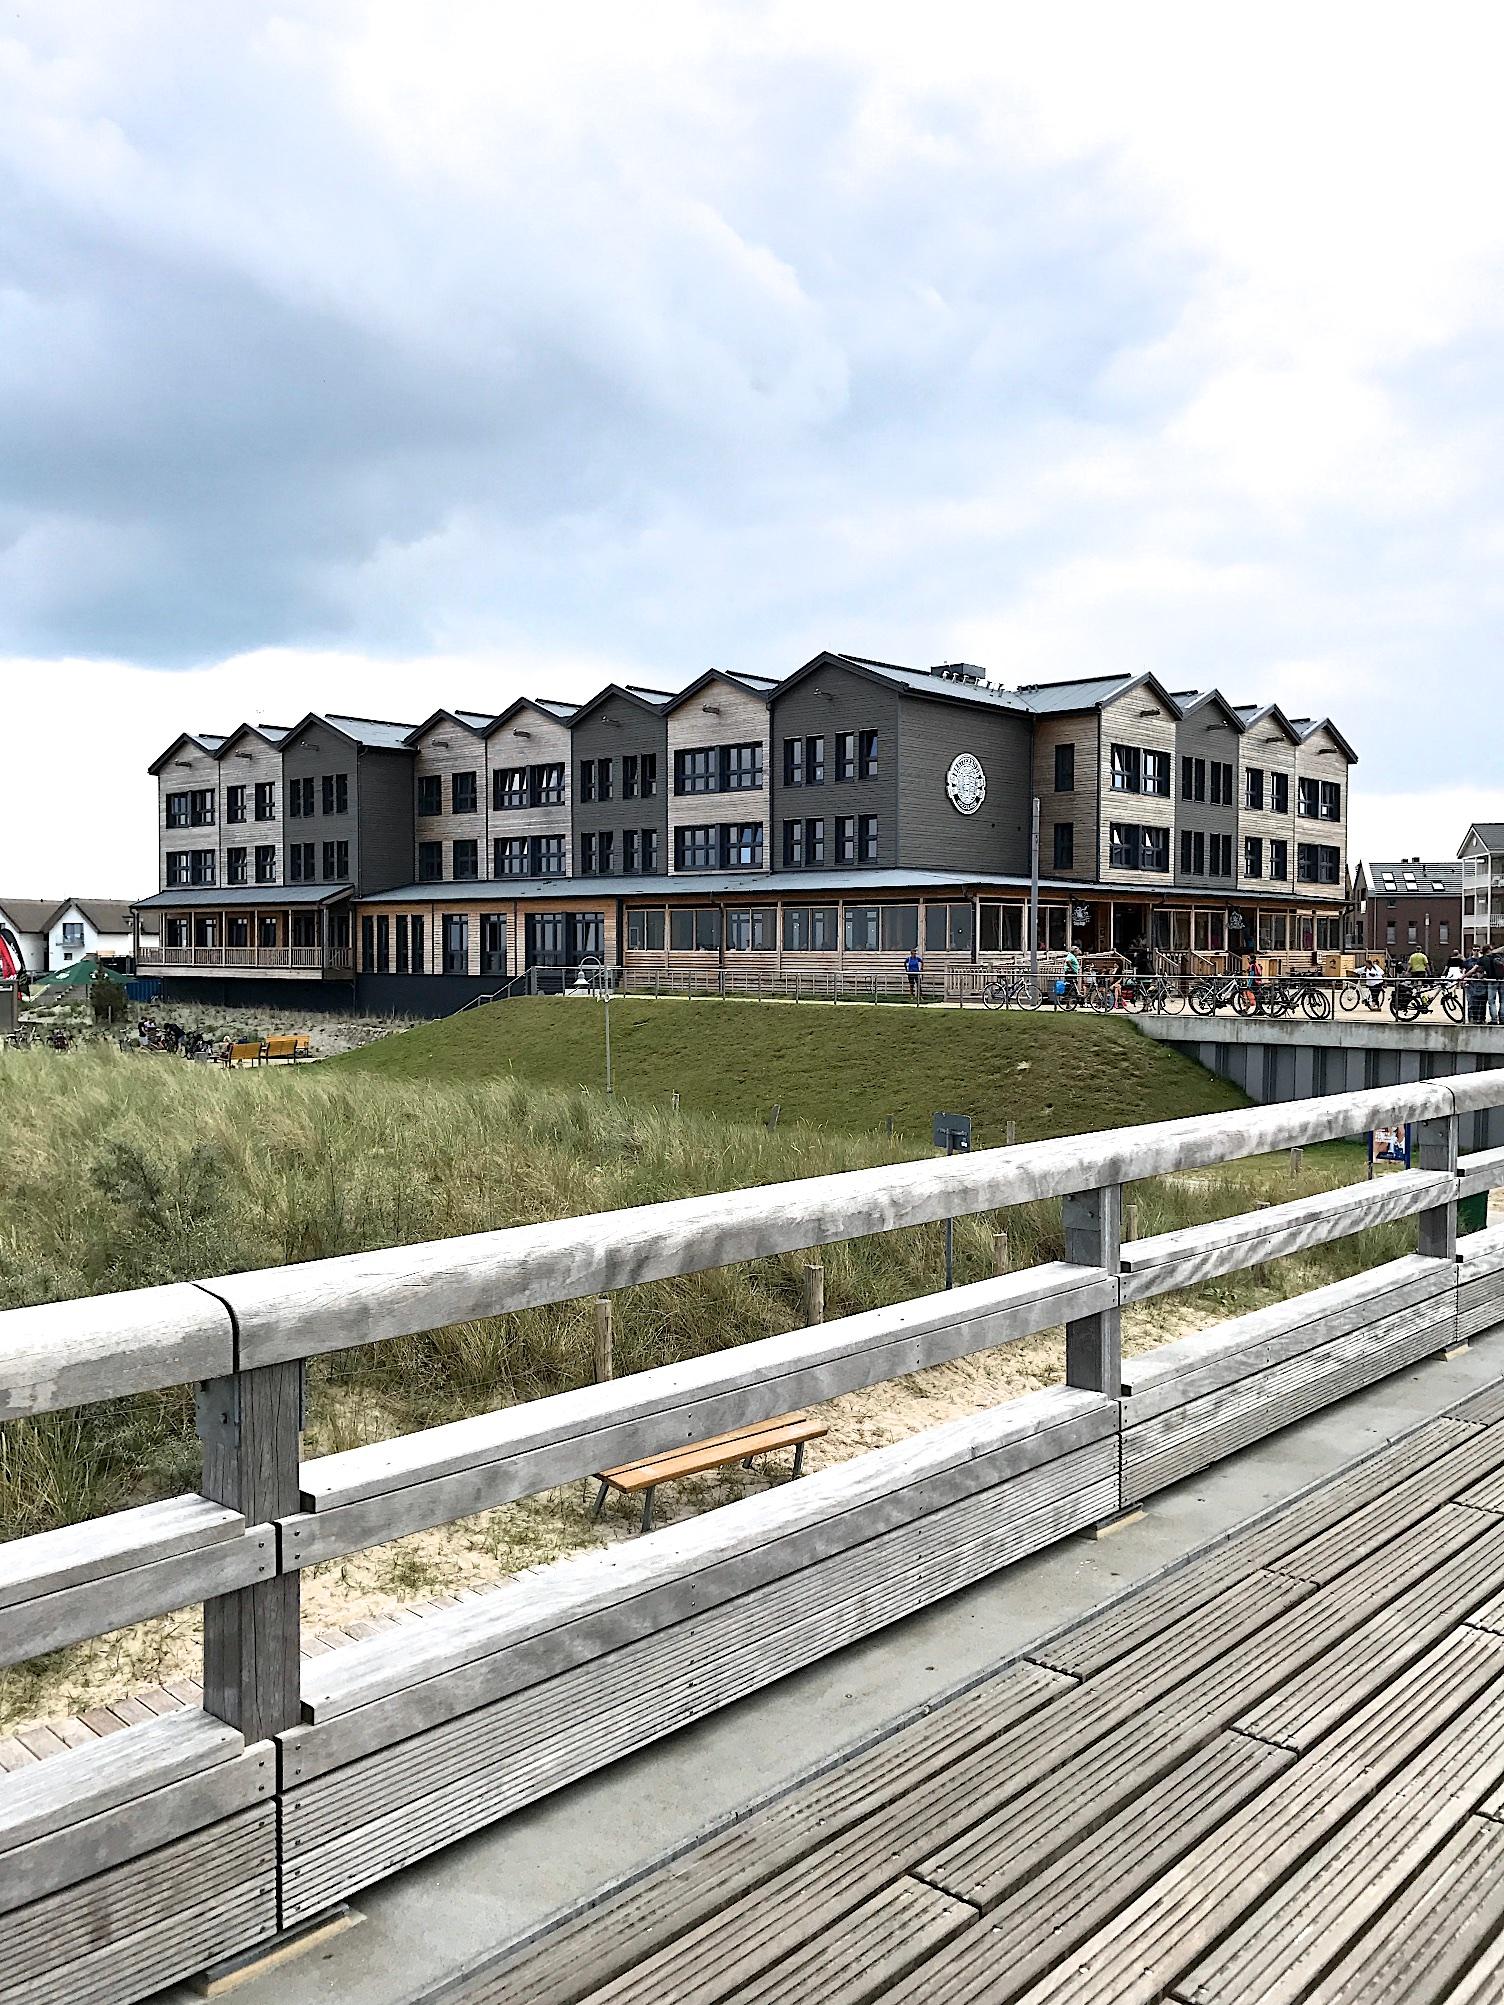 Urlaub an der Ostsee - in der Bretterbude in Heiligenhafen